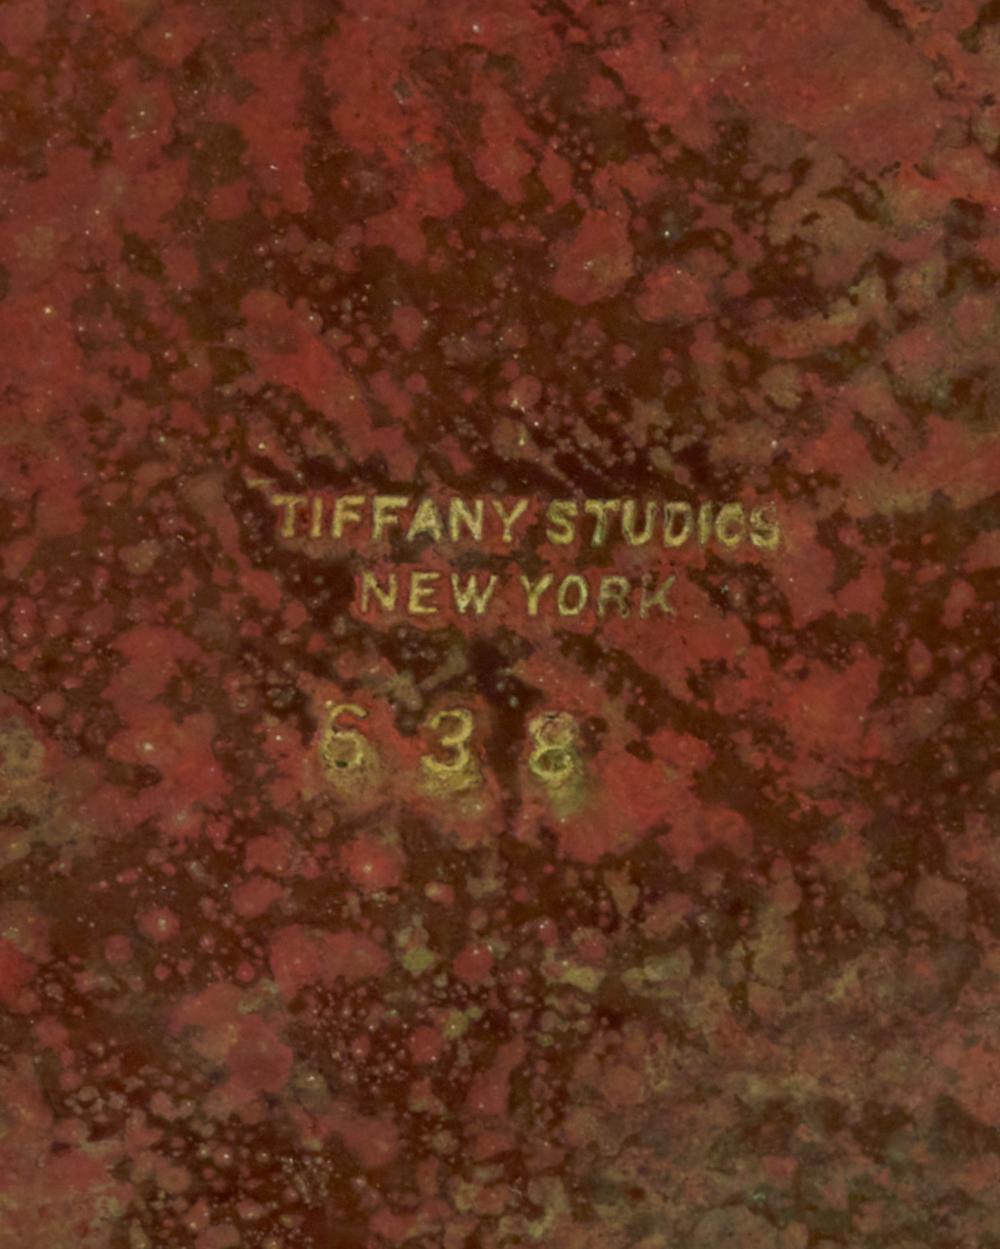 A Tiffany Studios